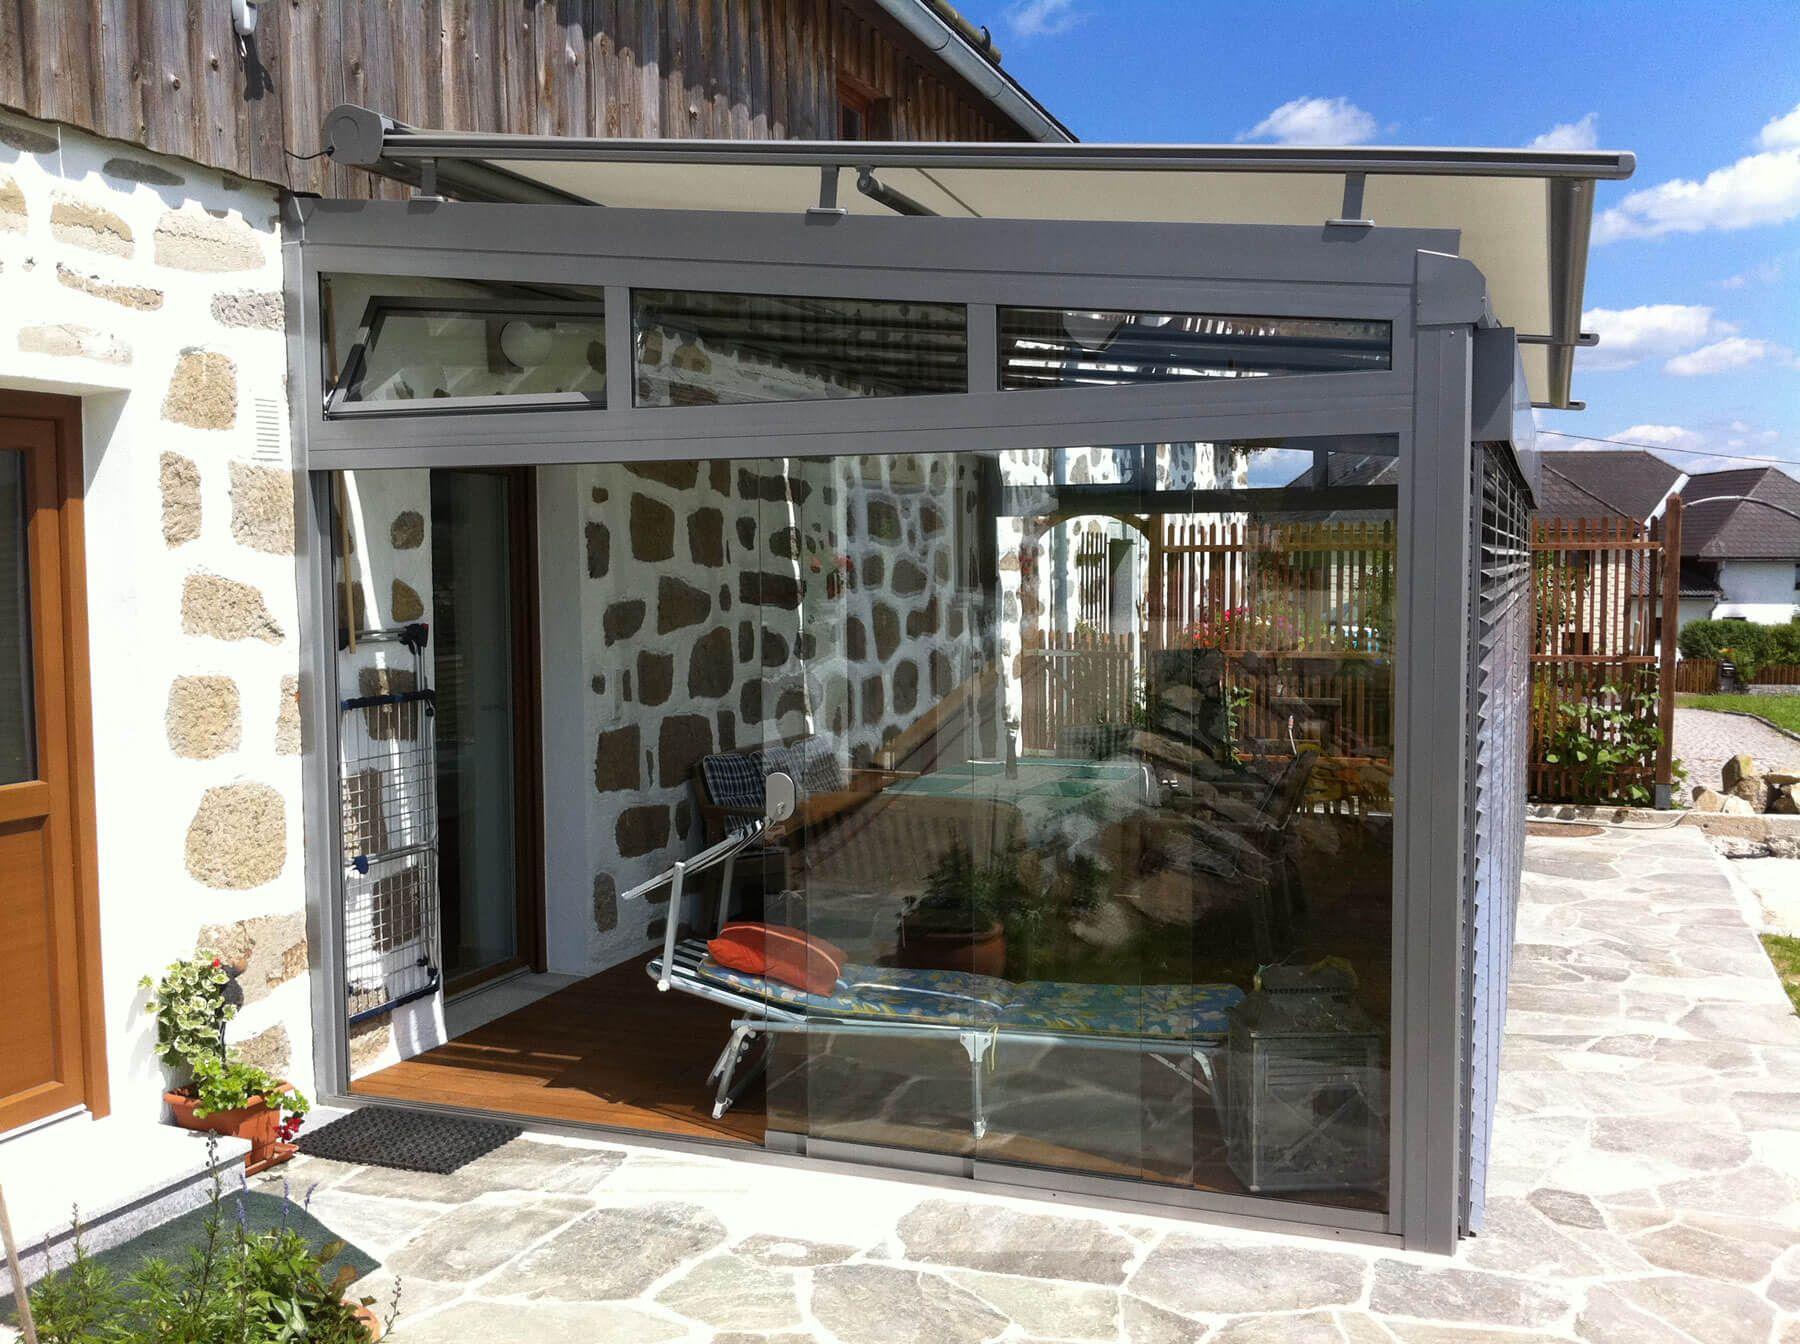 Gewaltig Solarlux Falttüren Preise Beste Wahl Glas Schiebetüren Für Wintergarten